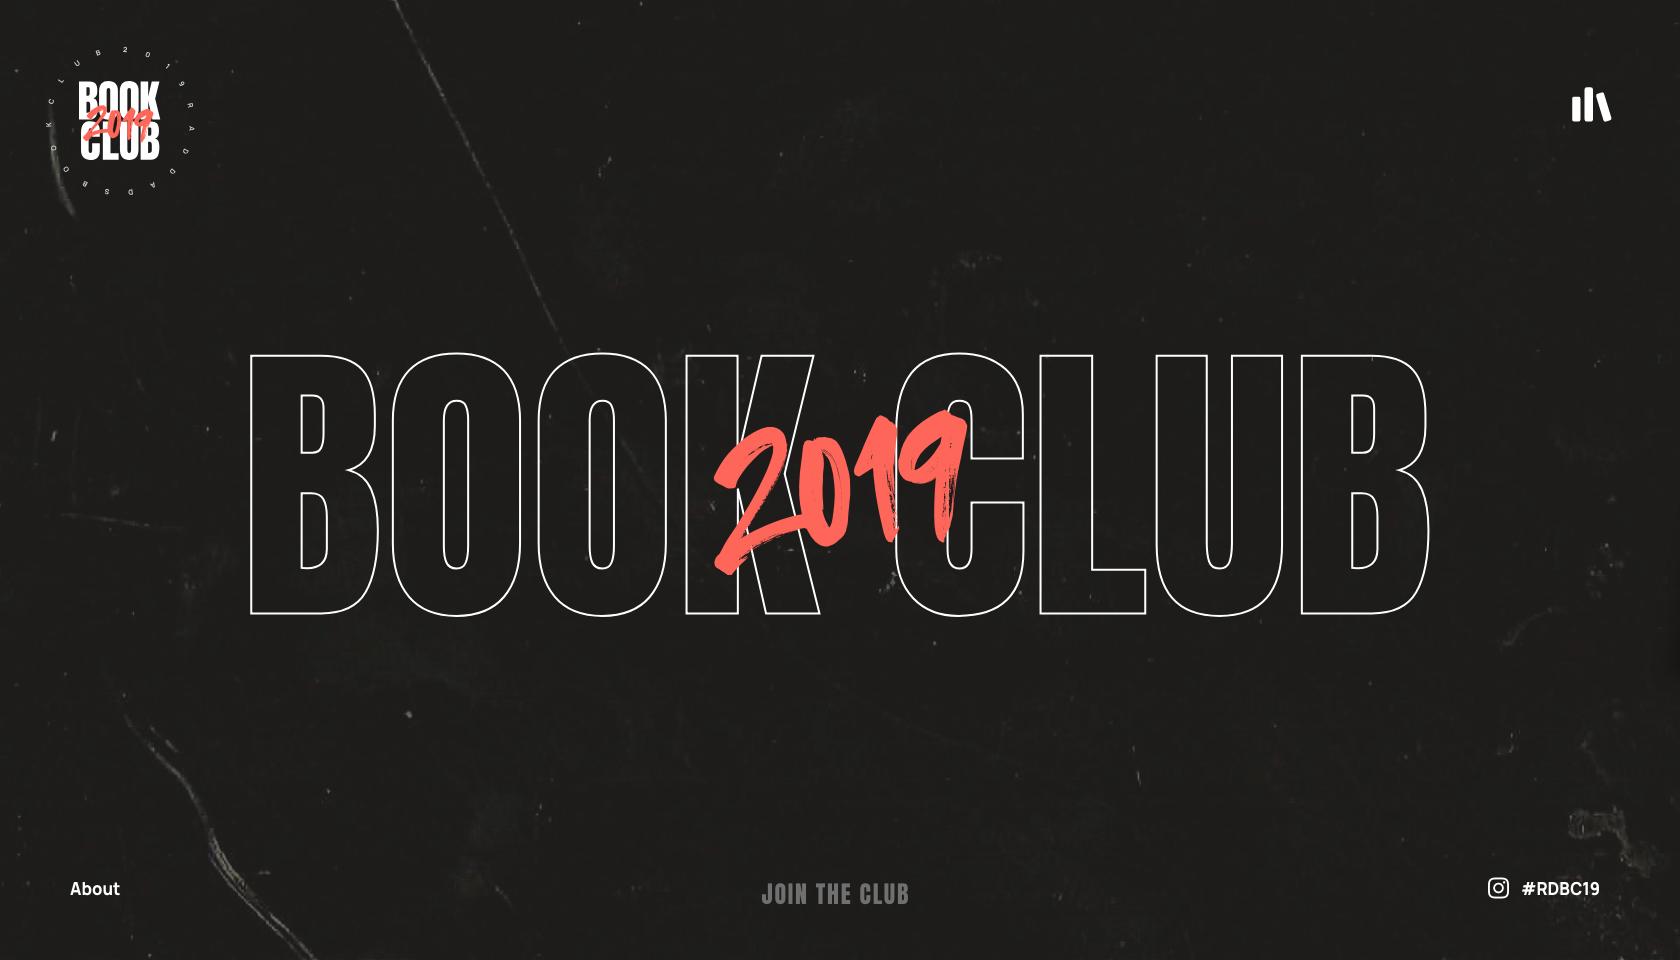 Bookclub intro